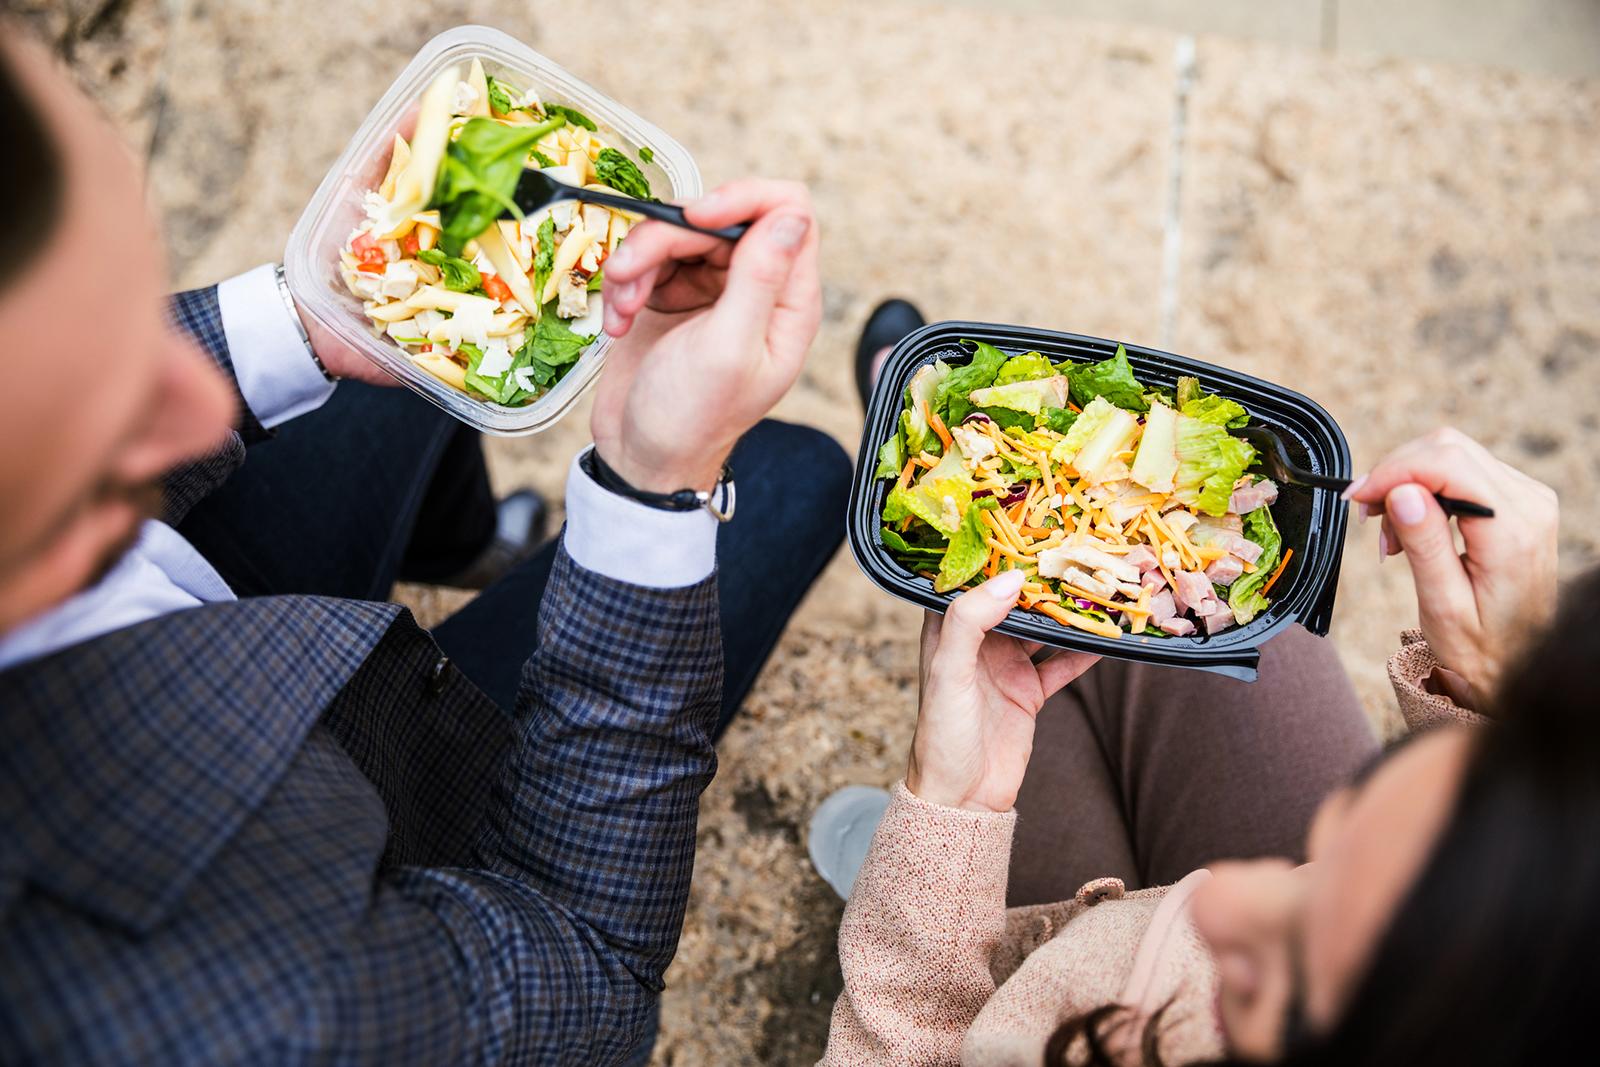 Kein Mittagstief mehr: Die richtige Kombination aus Nährstoffen, Vitaminen und Kohlenhydraten hält das Konzentrationslevel konstant.